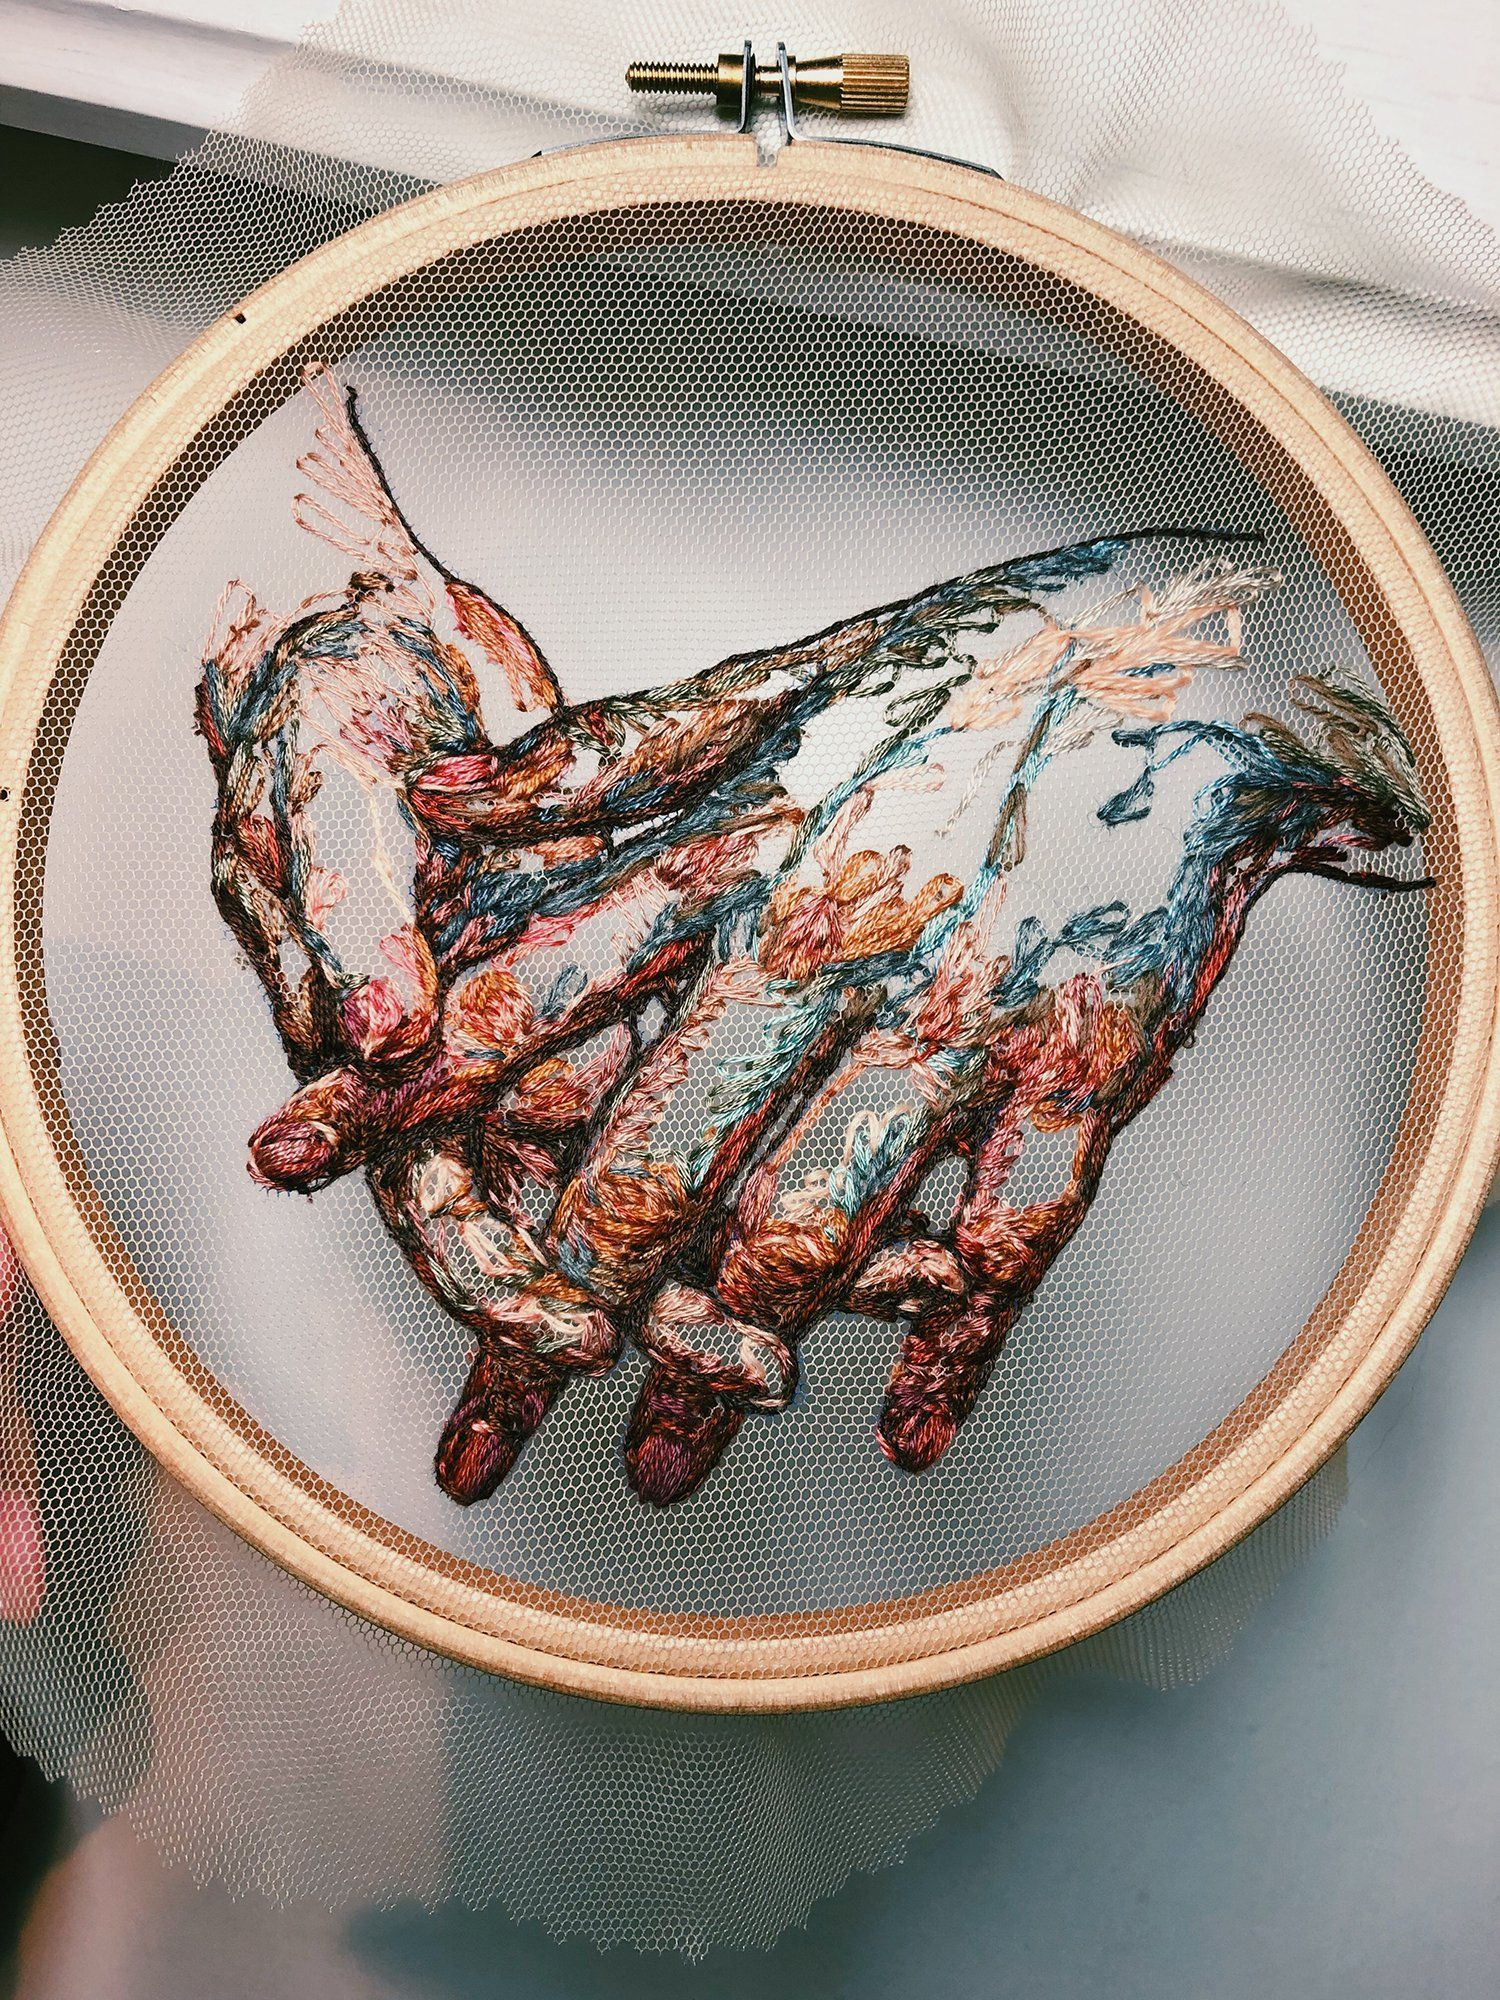 El arte del bordado en tul según Katerina Marchenko – Cultura Inquieta